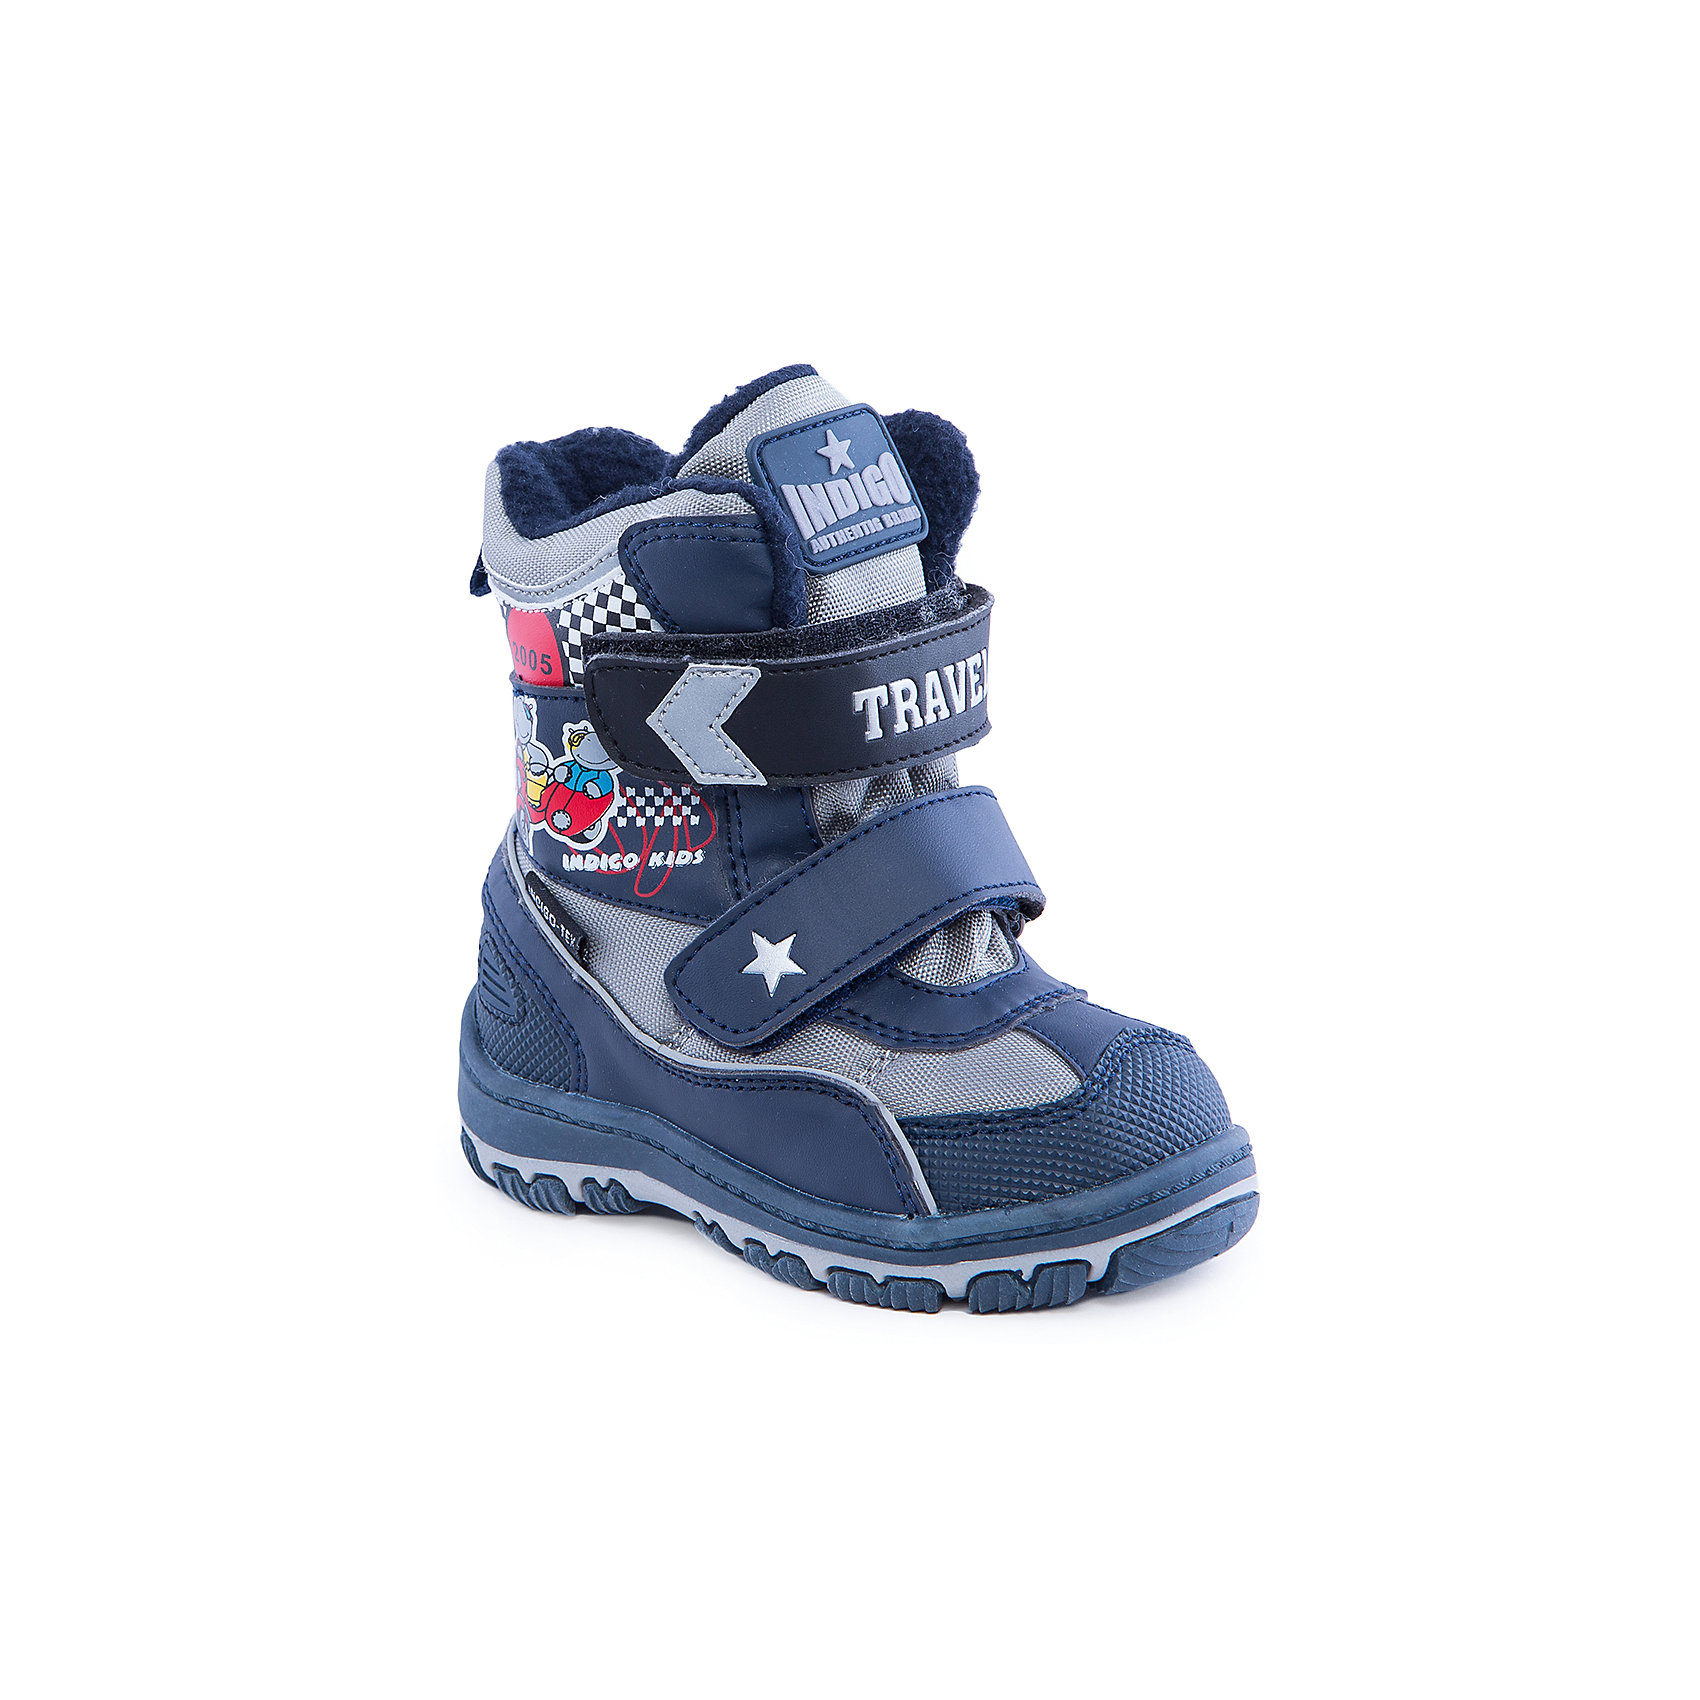 Сапоги для мальчика Indigo kidsСапоги для мальчика от известного  бренда Indigo kids<br><br>Модные и удобные сапоги помогут защитить детские ножки от сырости и холода.  Они легко надеваются, комфортно садятся по ноге. <br>Сапоги сделаны с применением технологии INDIGO TEX – это мембранный материал, выводящий влагу из обуви наружу, но не позволяющий сырости проникать внутрь.<br><br>Особенности модели:<br><br>- цвет - синий;<br>- стильный дизайн;<br>- защита пятки и пальцев;<br>- удобная колодка;<br>- подкладка шерстяная;<br>- вставка с тематическим изображением гонки;<br>- мембрана INDIGO TEX;<br>- устойчивая рифленая подошва;<br>- застежки - липучки.<br><br>Дополнительная информация:<br><br>Температурный режим:<br>от -15° С до +5° С<br><br>Состав:<br><br>верх – текстиль/искусственная кожа;<br>подкладка - шерсть;<br>подошва - полимер.<br><br>Сапоги для мальчика Indigo kids (Индиго Кидс) можно купить в нашем магазине.<br><br>Ширина мм: 257<br>Глубина мм: 180<br>Высота мм: 130<br>Вес г: 420<br>Цвет: синий<br>Возраст от месяцев: 15<br>Возраст до месяцев: 18<br>Пол: Мужской<br>Возраст: Детский<br>Размер: 22,27,26,25,24,23<br>SKU: 4340538